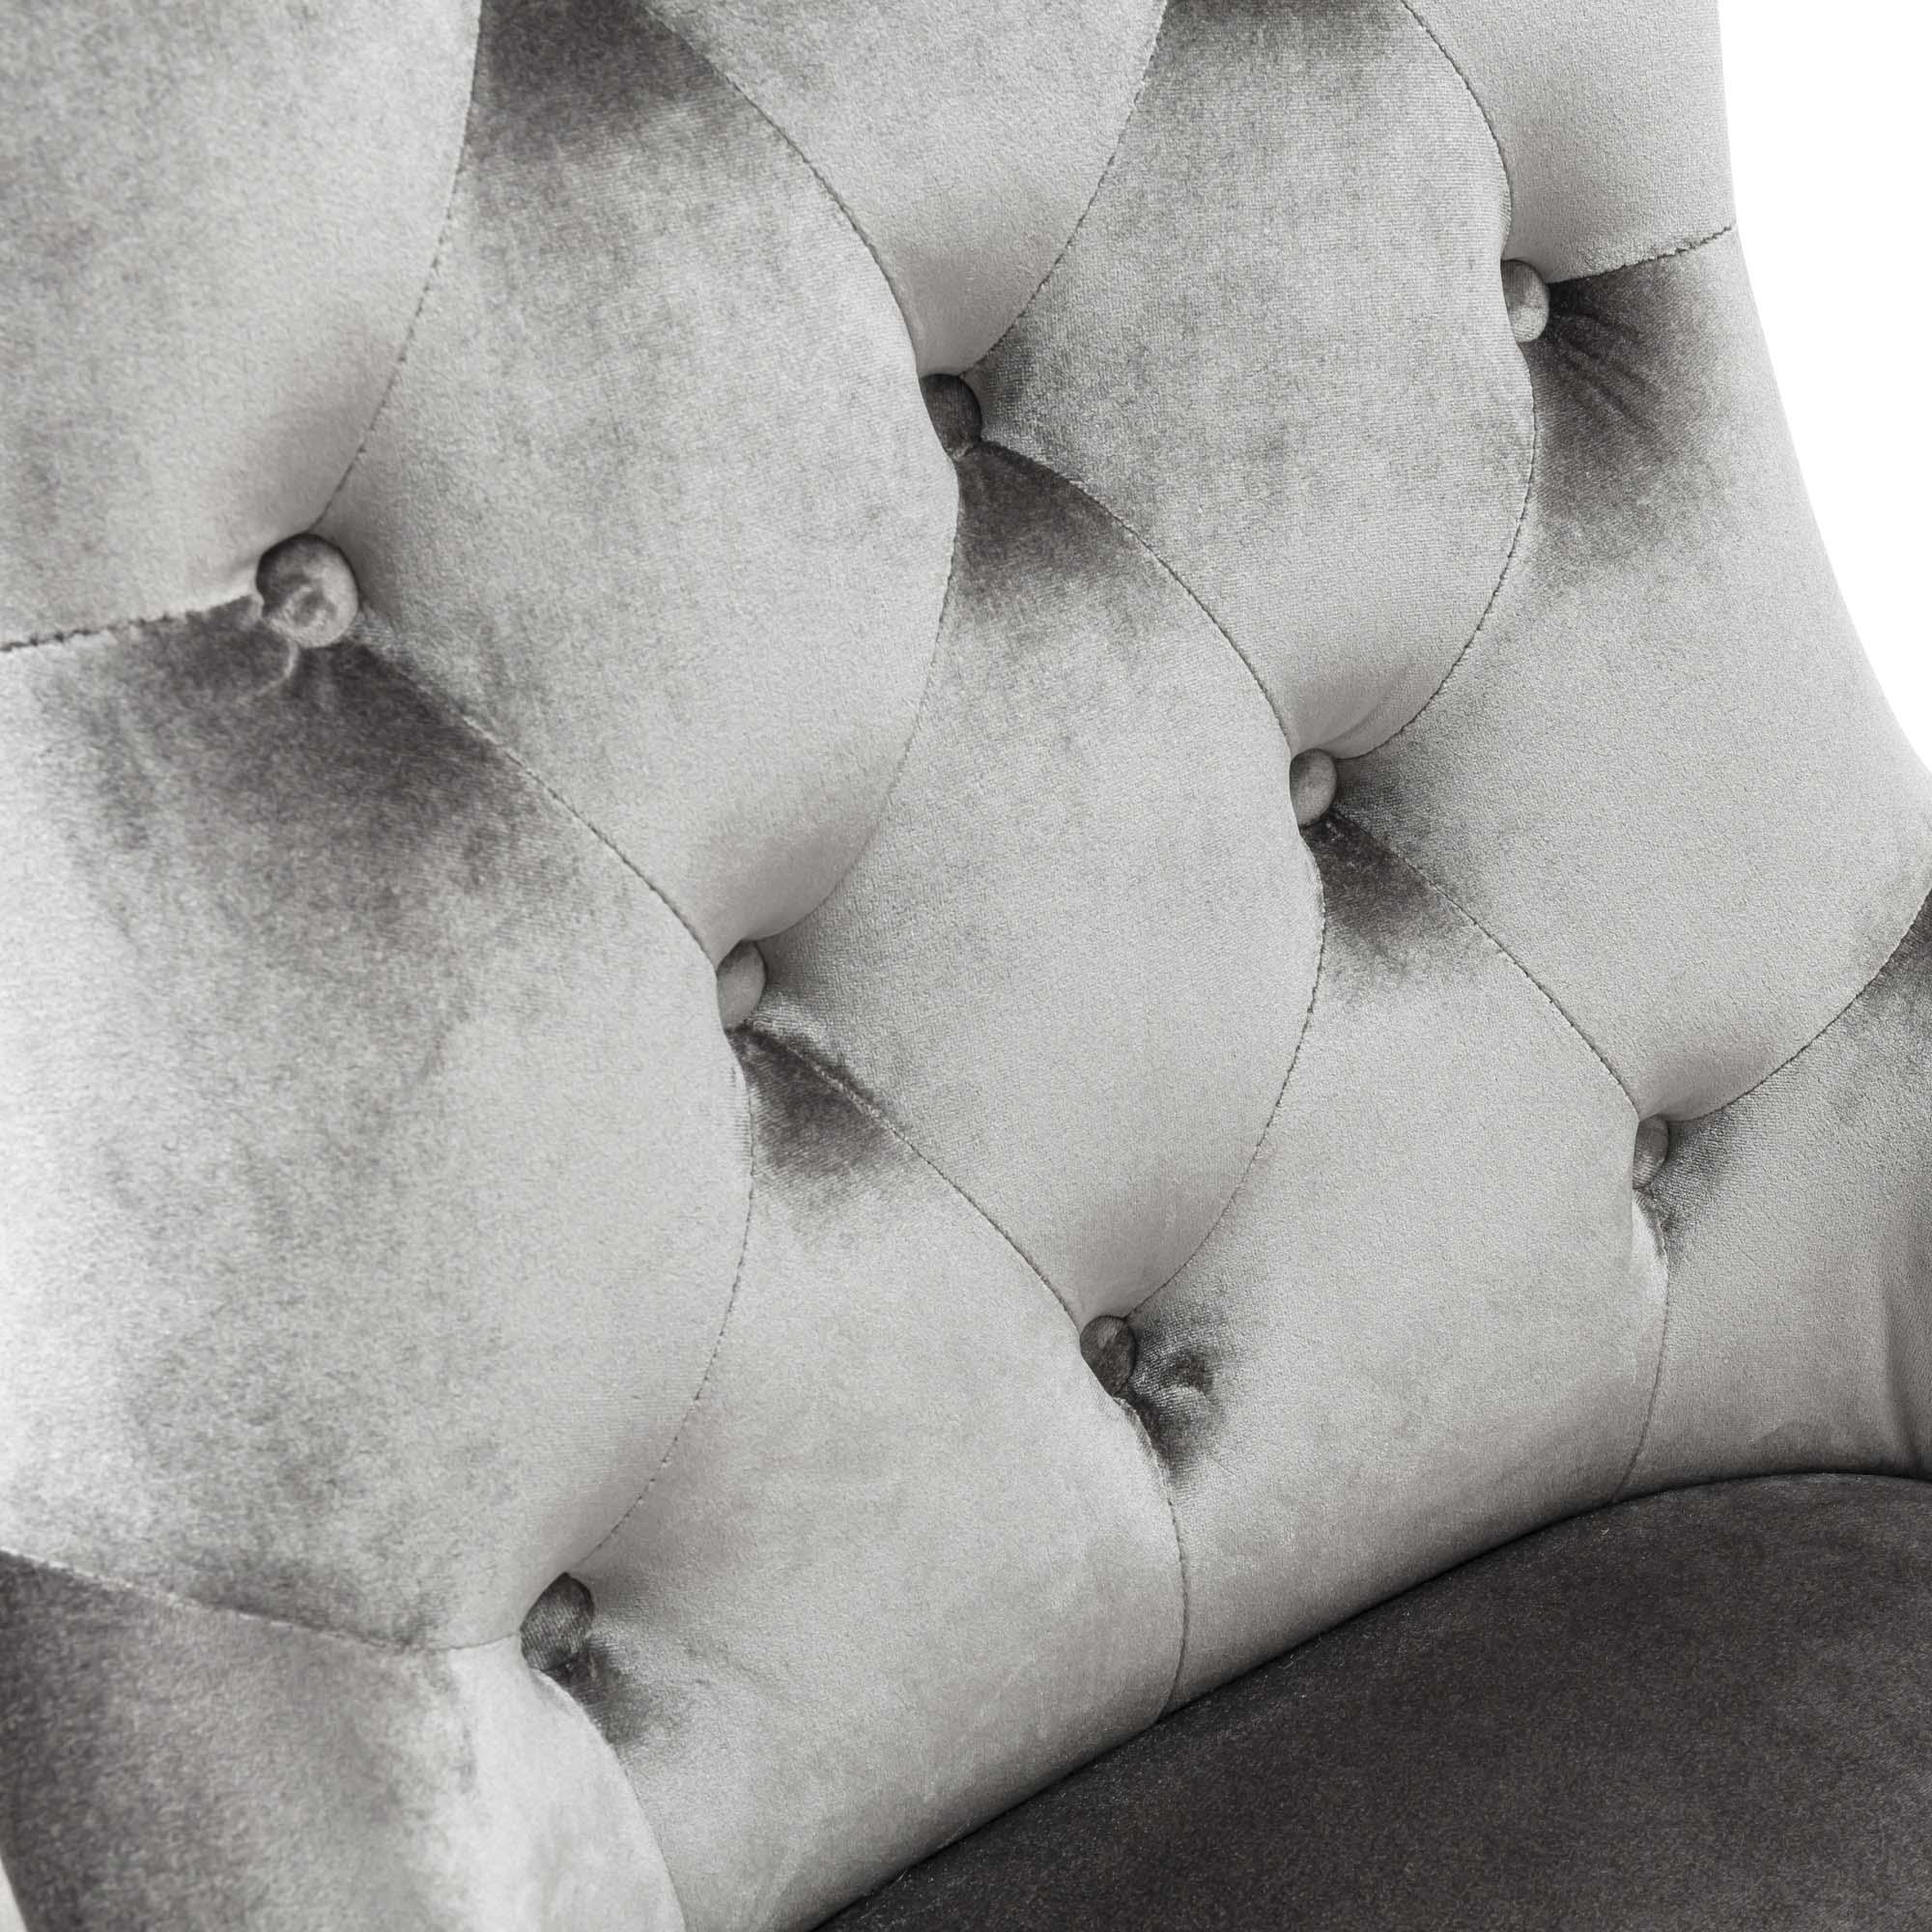 Chelsea Silver Velvet Scoop Dining Chair With Hoop & Stainless Steel Legs